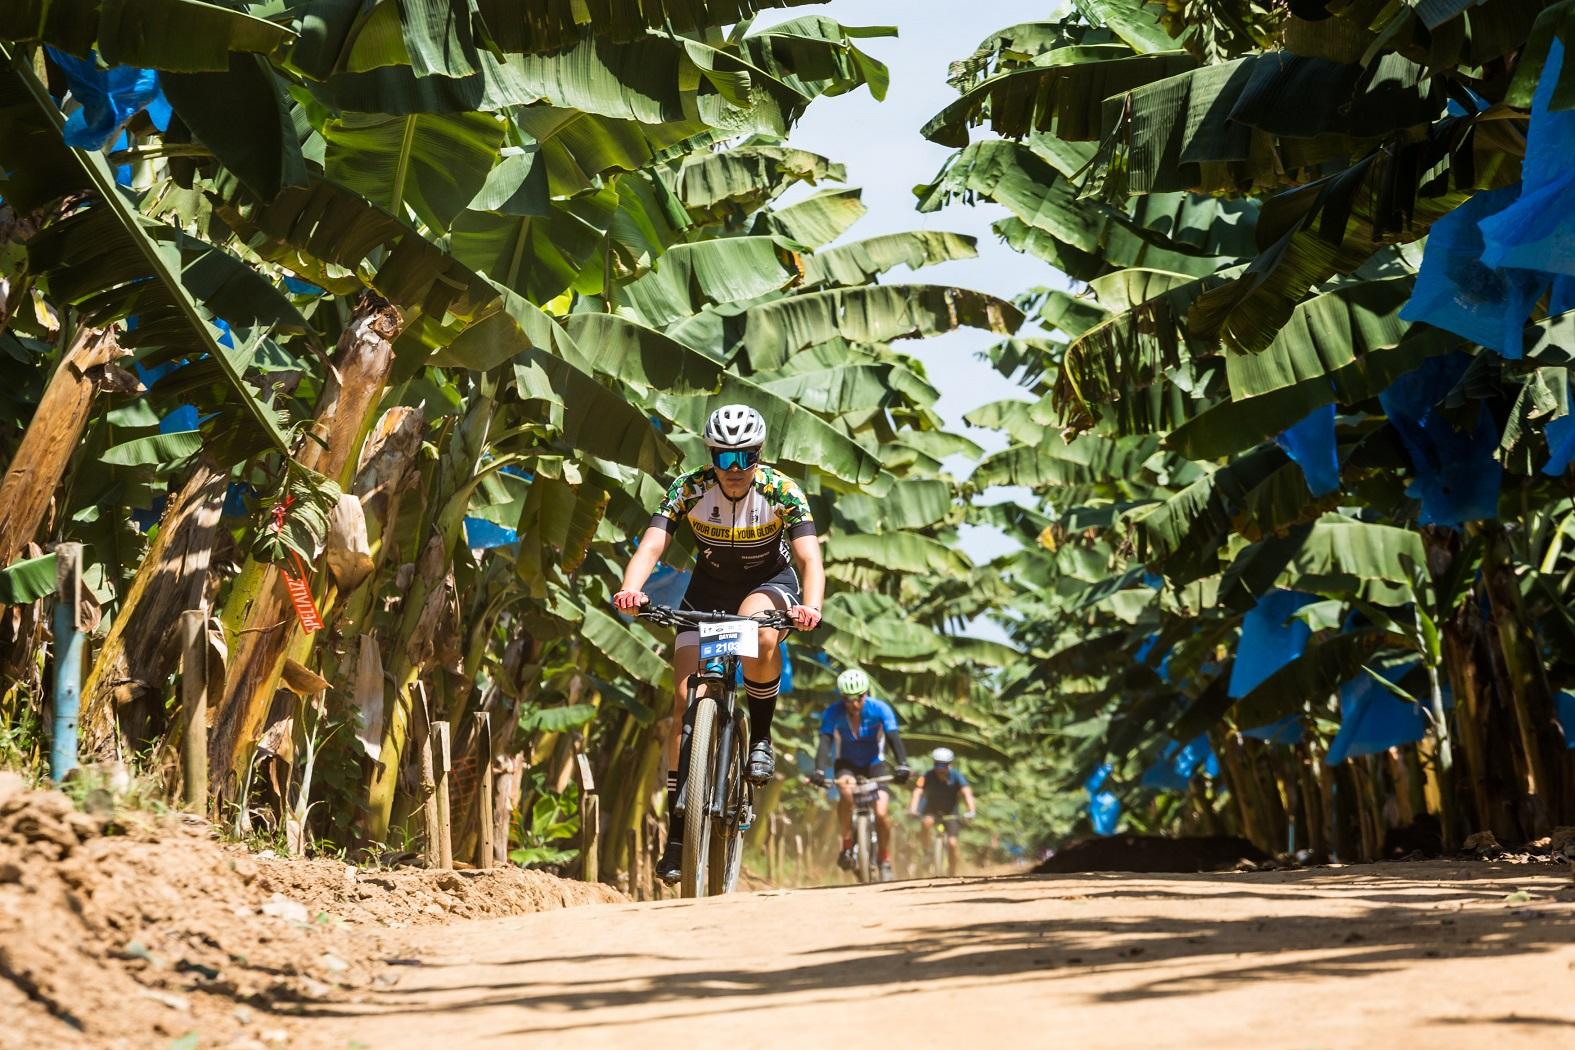 Brasil Ride 2020 contará com quinze provas nessa temporada